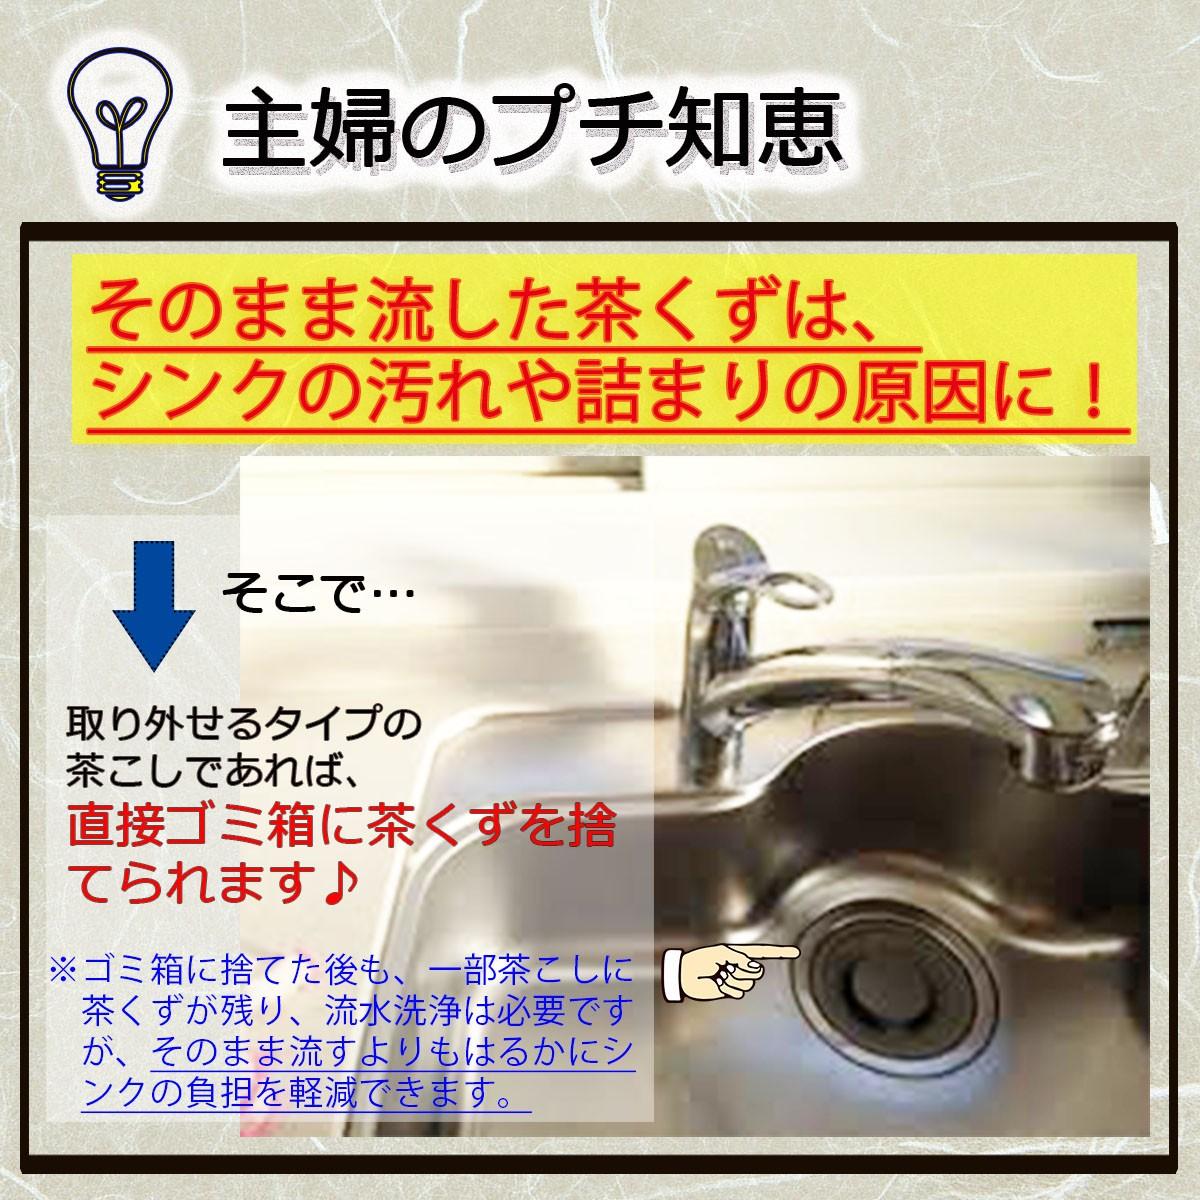 常滑焼 急須 商品説明画像-5